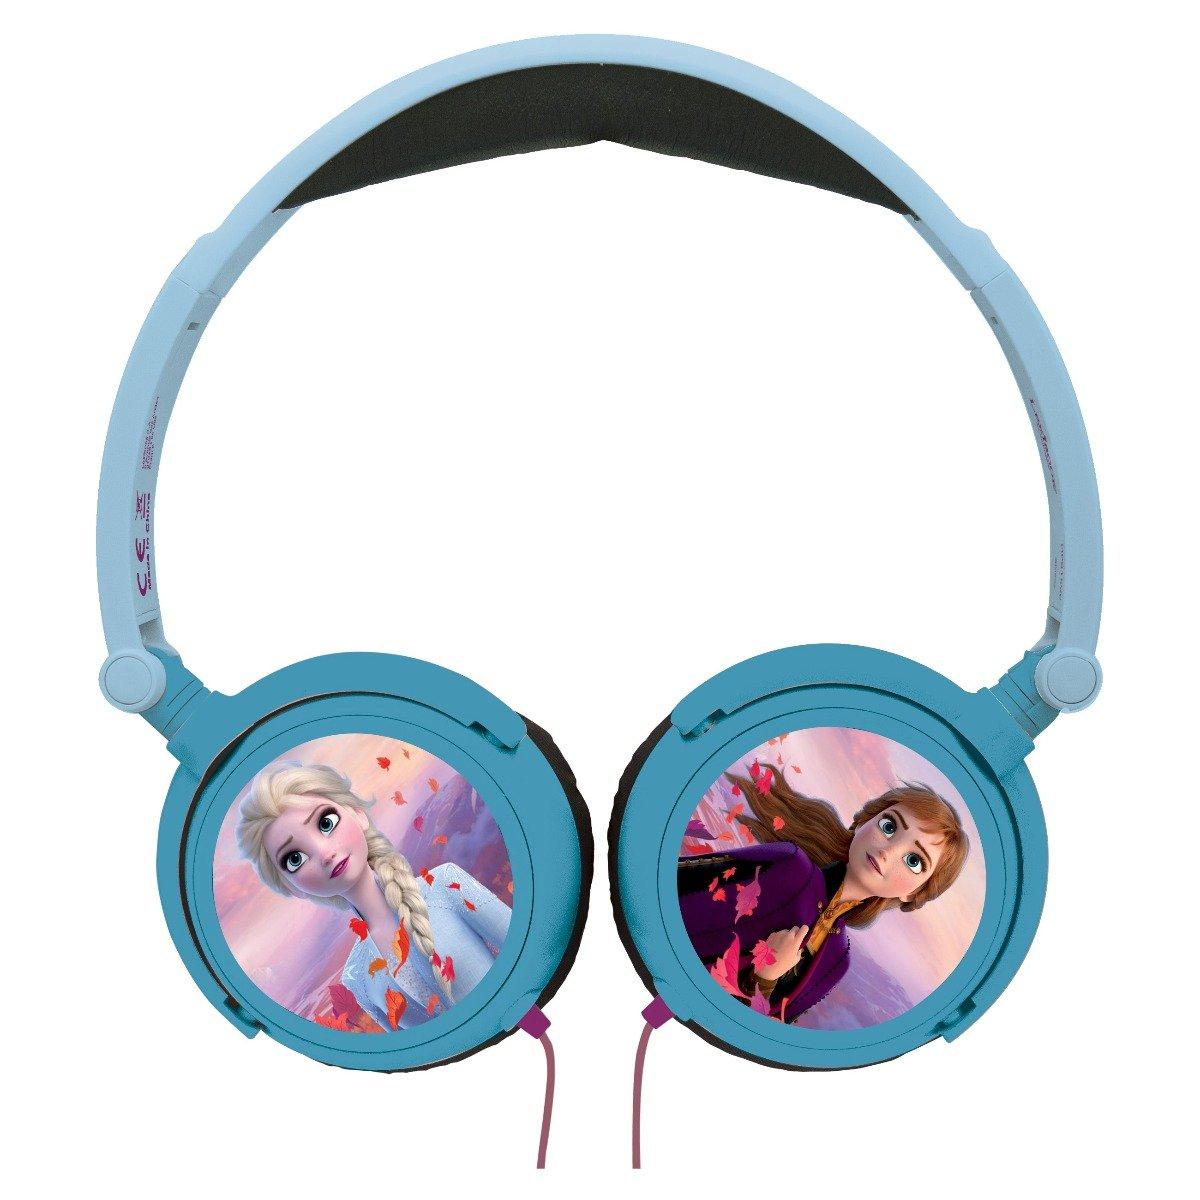 Casti audio cu fir pliabile, Disney Frozen 2